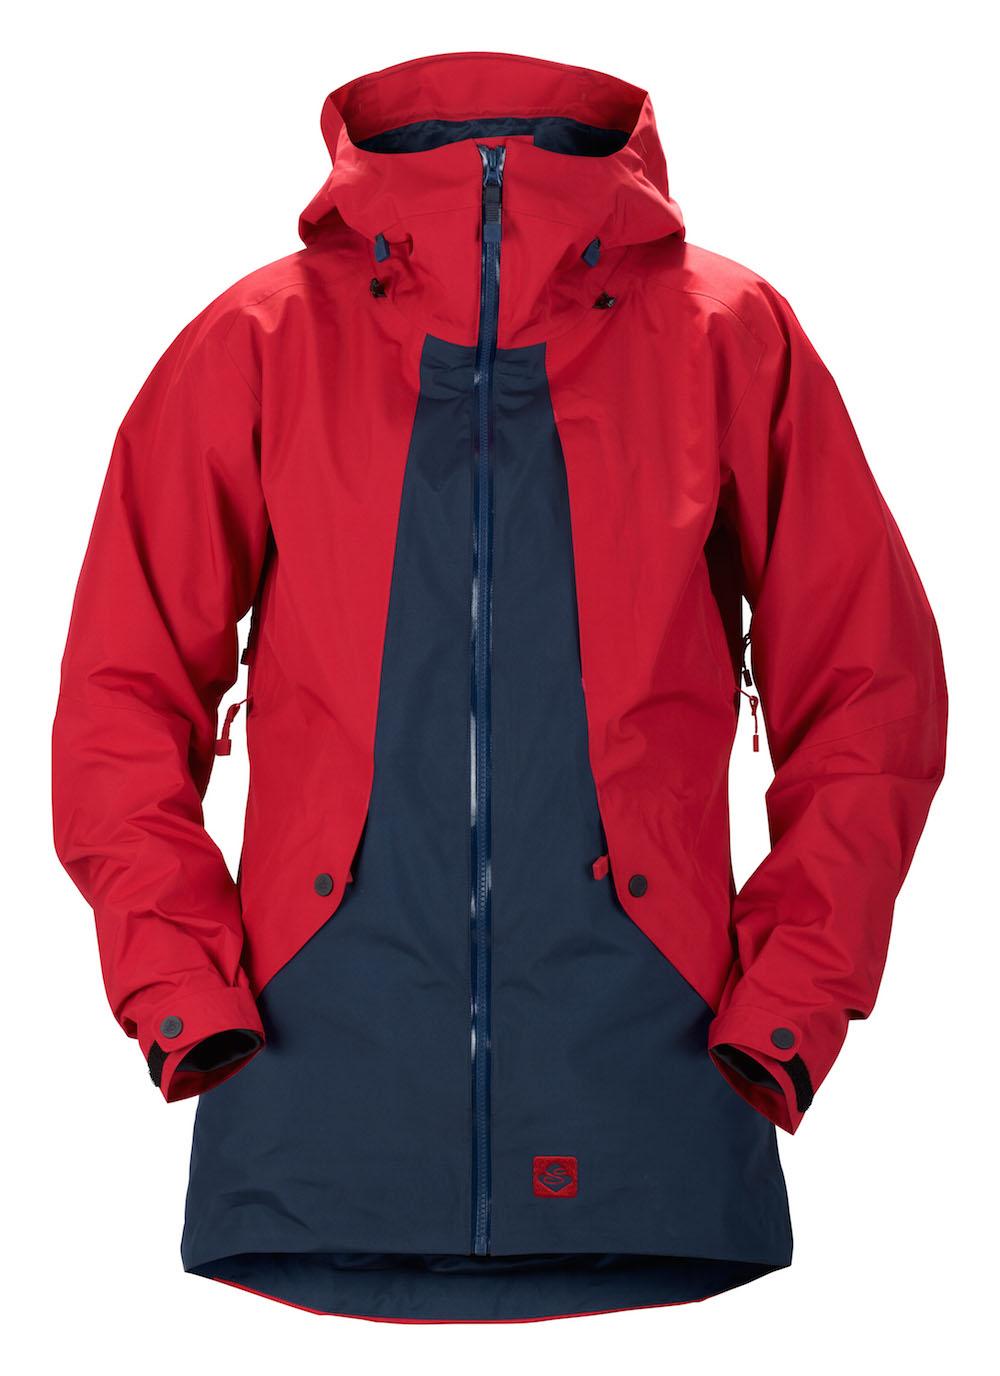 Die Sweet Protection Chiquitita Jacket in den Farben Rubus Redmidnight und blauer Front